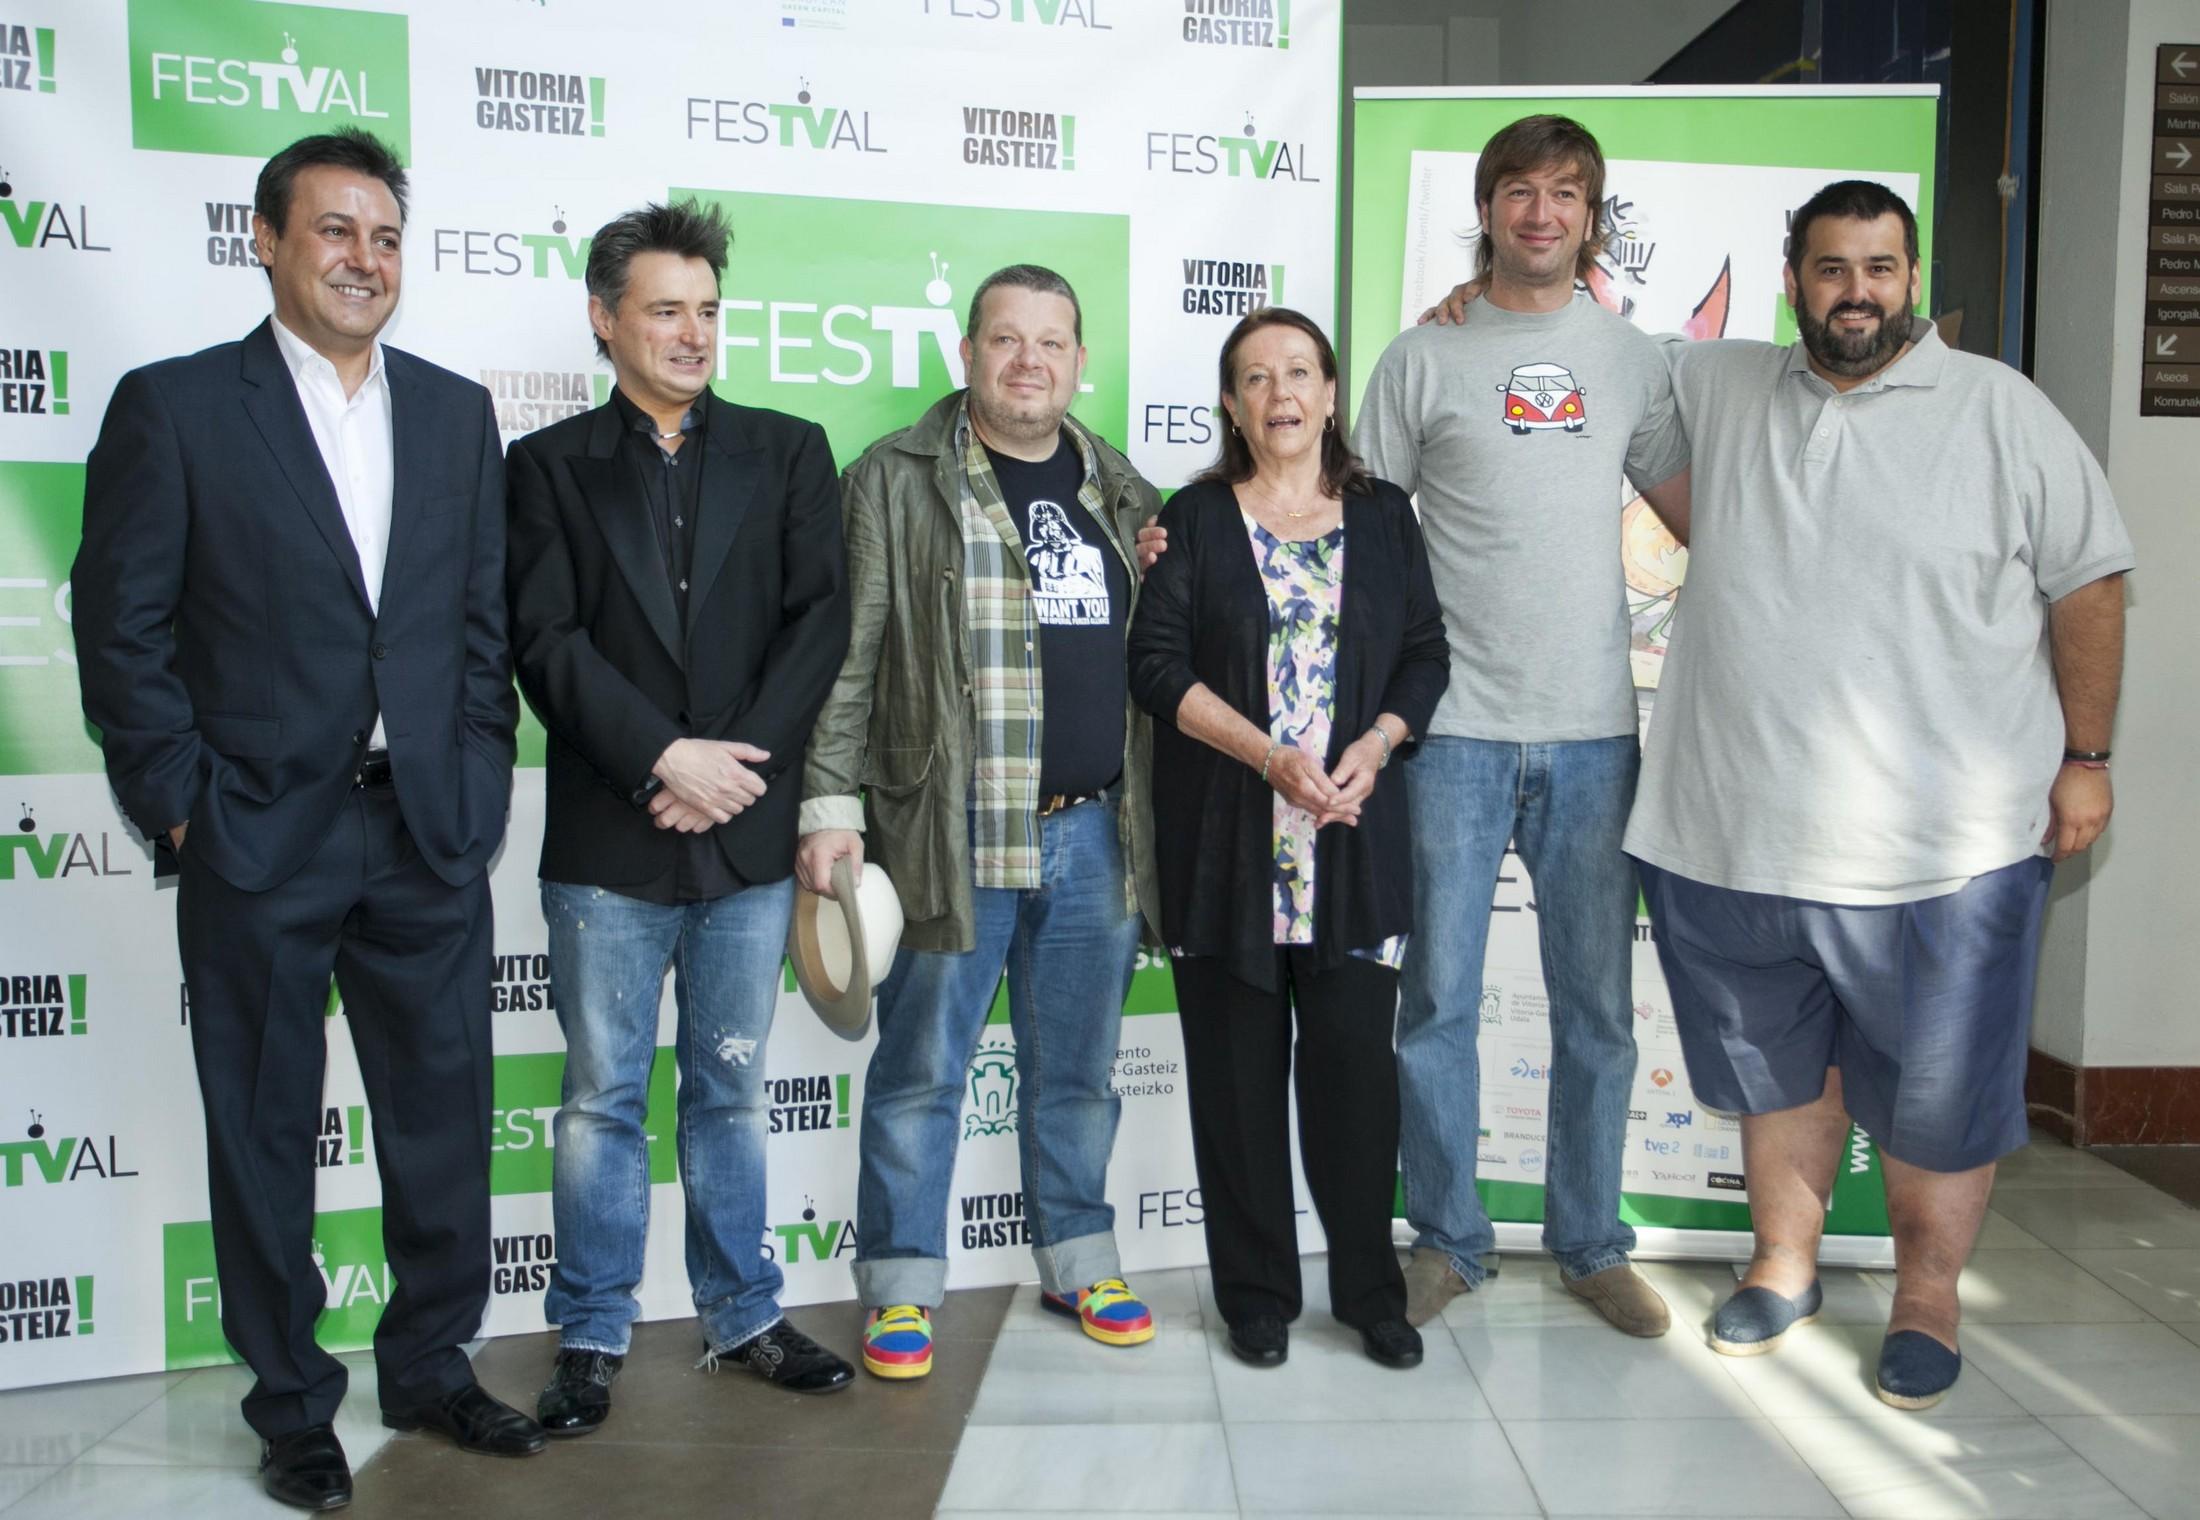 ENCUENTRO CULTURAL GASTRONOMIA Y TELEVISION-MESA GASTRONOMICA EN FESTVAL 2012